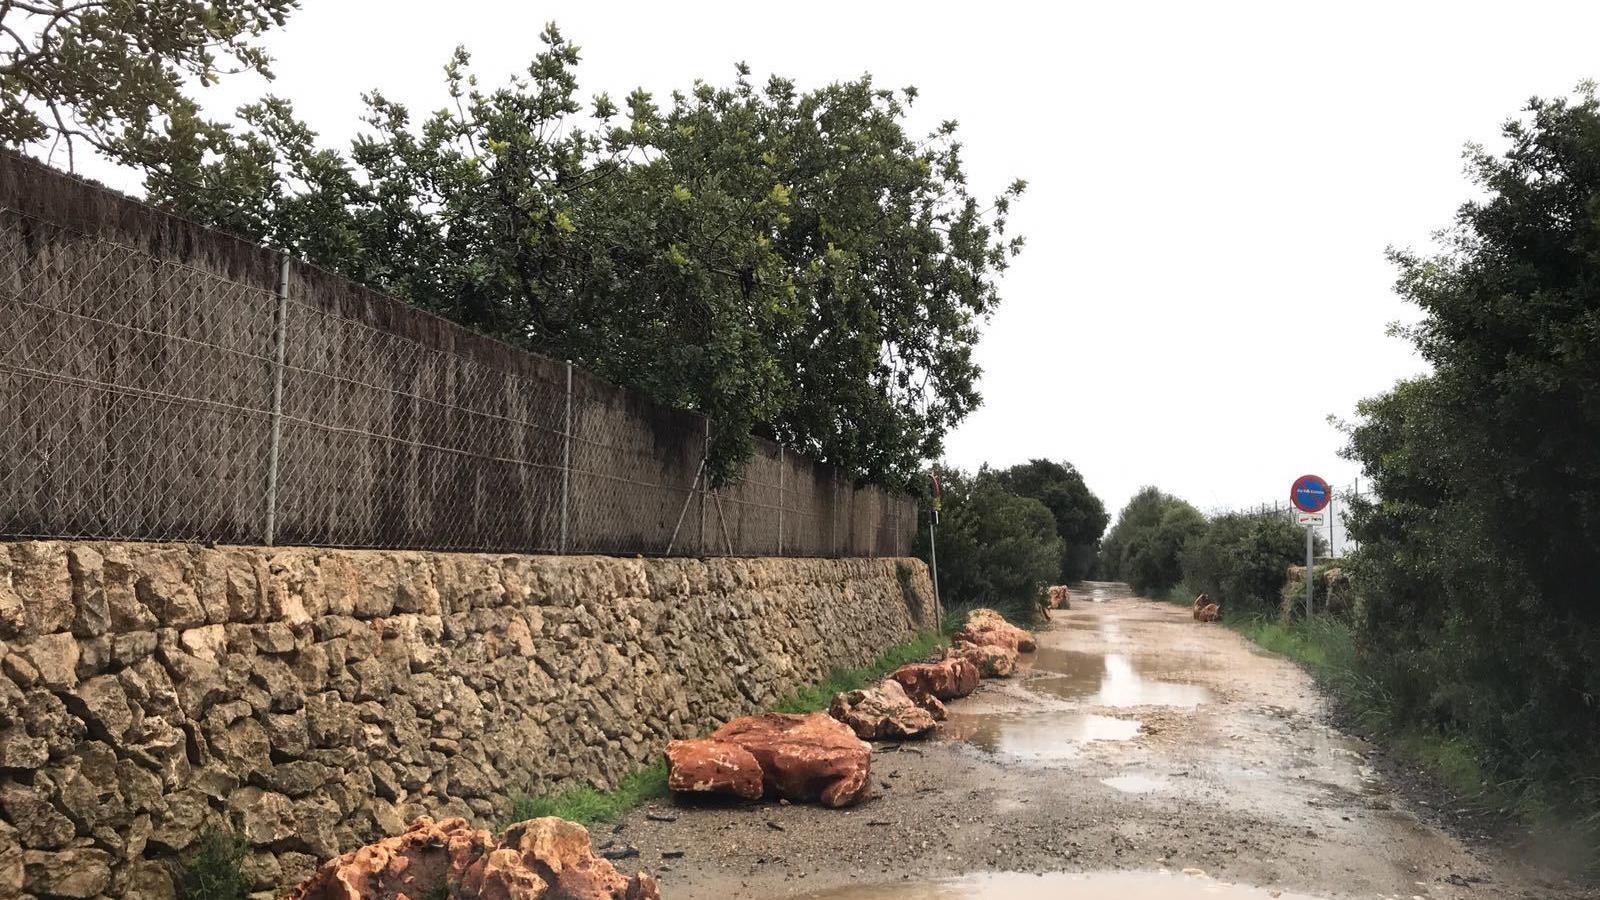 El camí a Cala Varques està ple de pedragots perquè no es pugui estacionar, cosa que ja prohibeix l'Ajuntament.